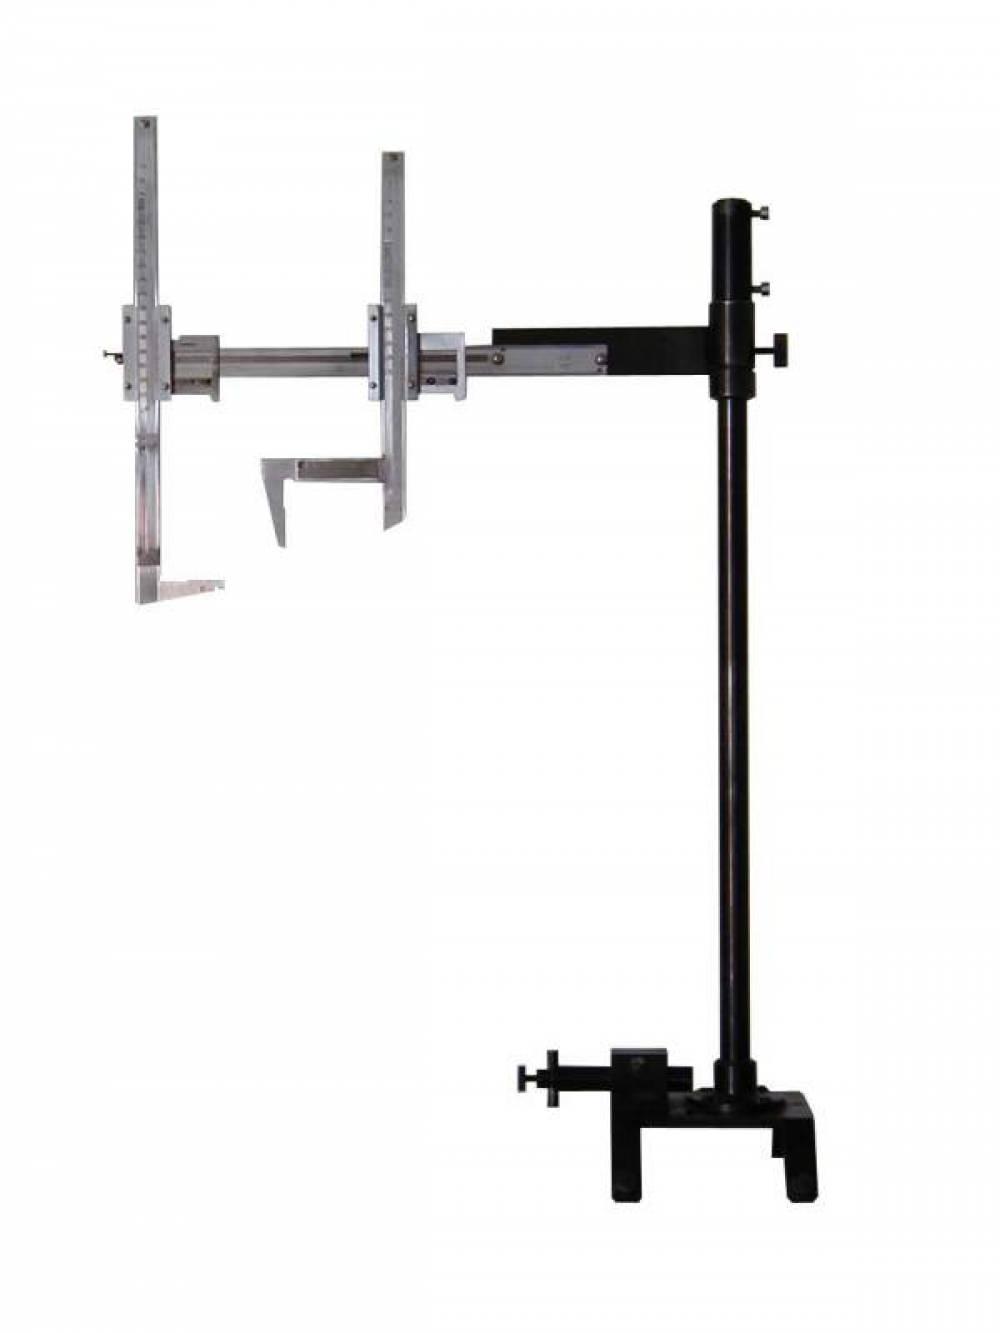 Стойка измерительная универсальные   СИУ-Ш-530-630 (относительно шейки оси колесной пары электровоза)